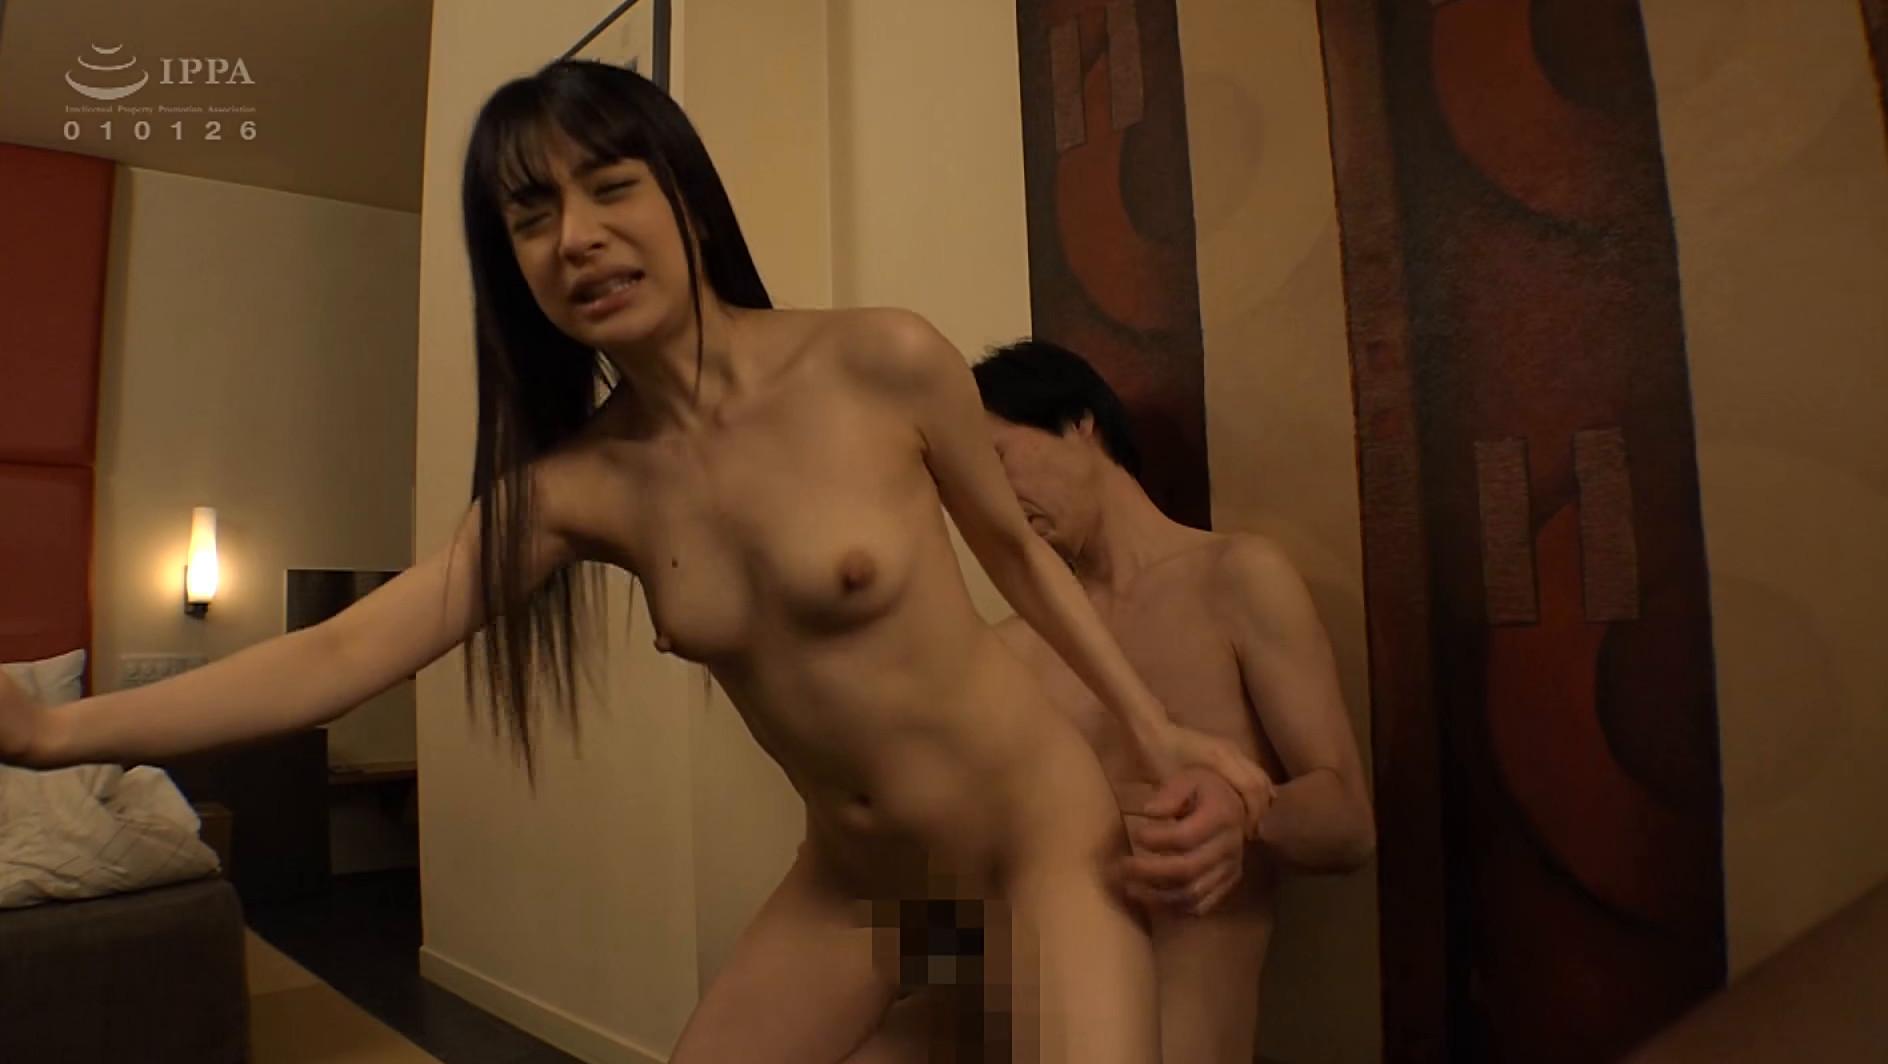 ケートライブ美少女スーパーベスト vol.9 10人連続セックス 8時間 画像2